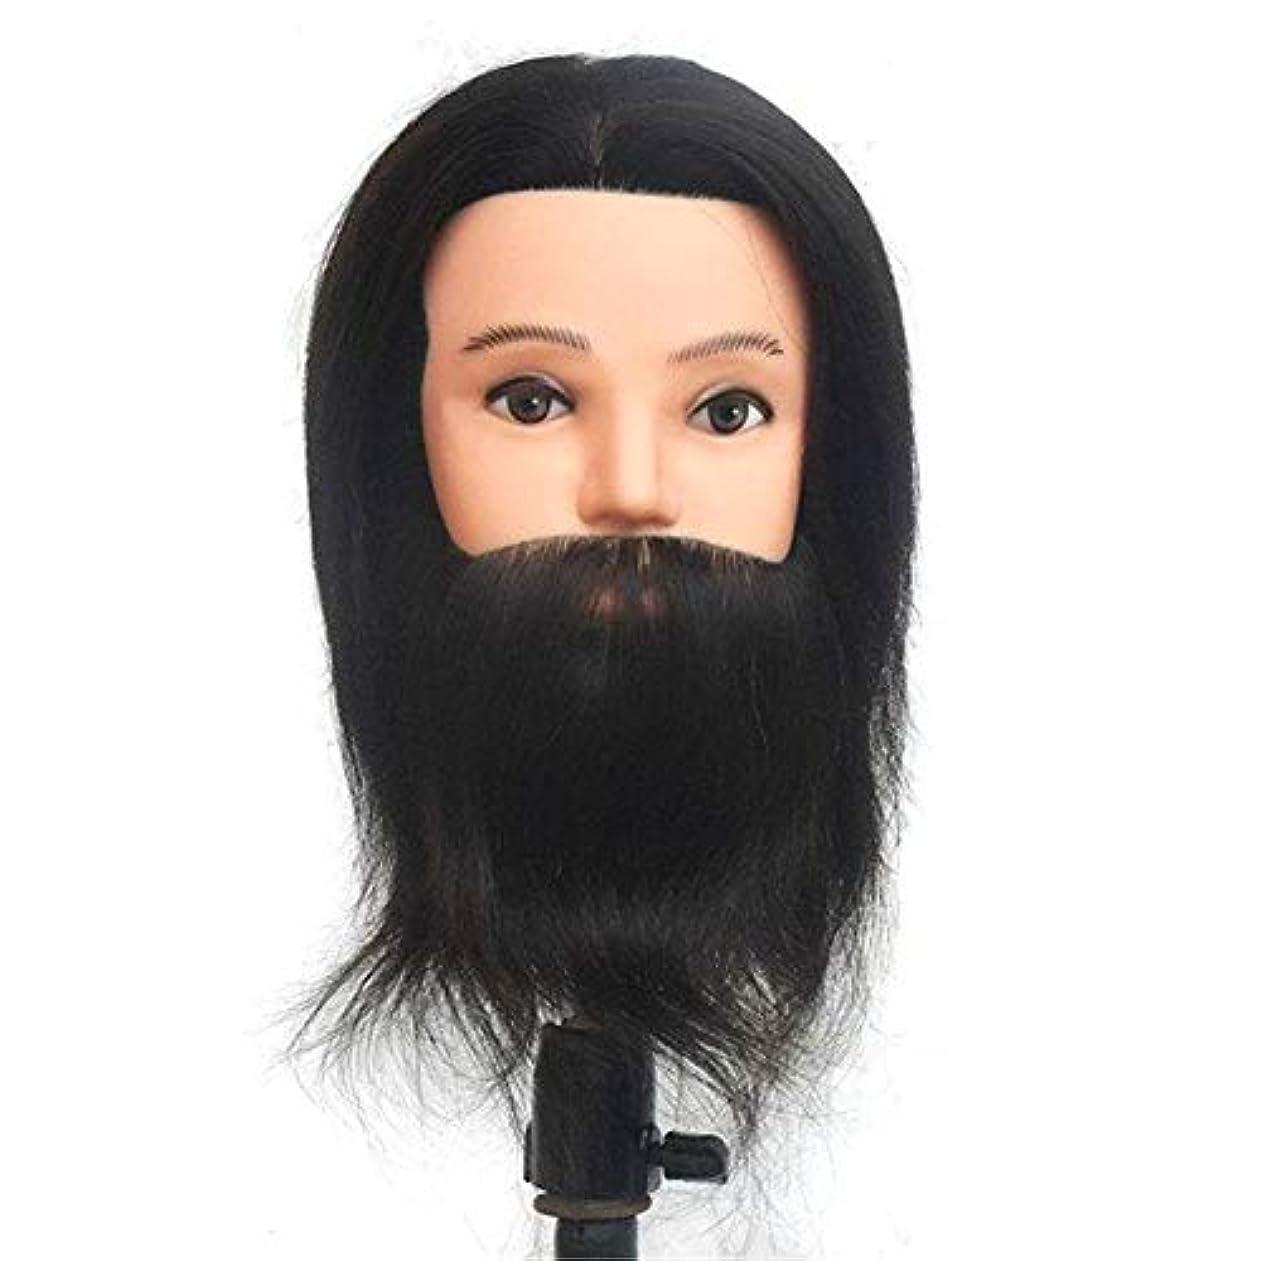 麻痺させる義務ドラゴンリアル人間の髪トレーニングヘッドパーマ髪モデル髪染め理髪ダミーヘッドトリミングひげ学習ヘッドモデル